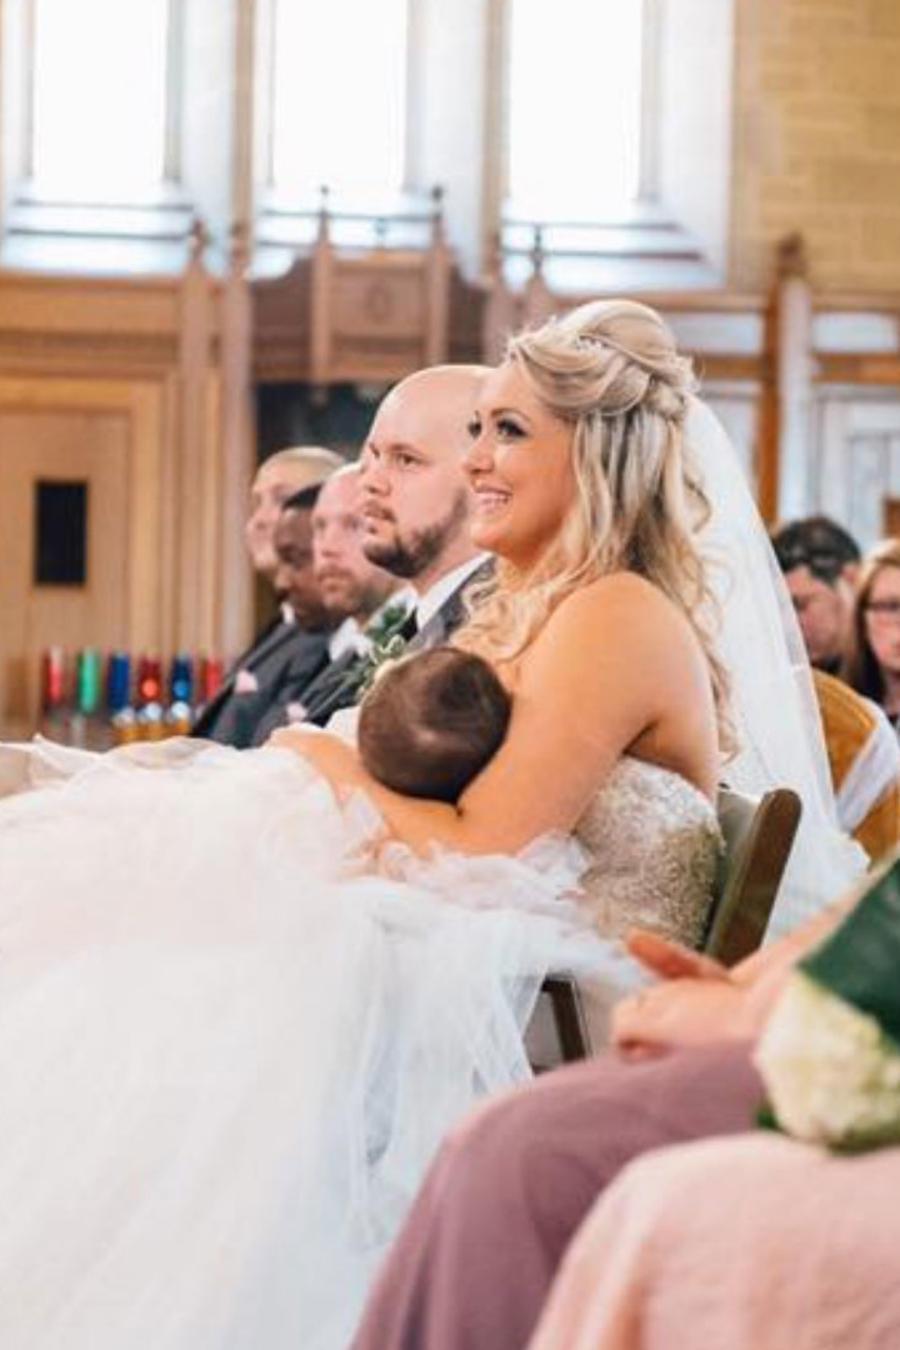 Mujer amamantando a su hijo en su boda